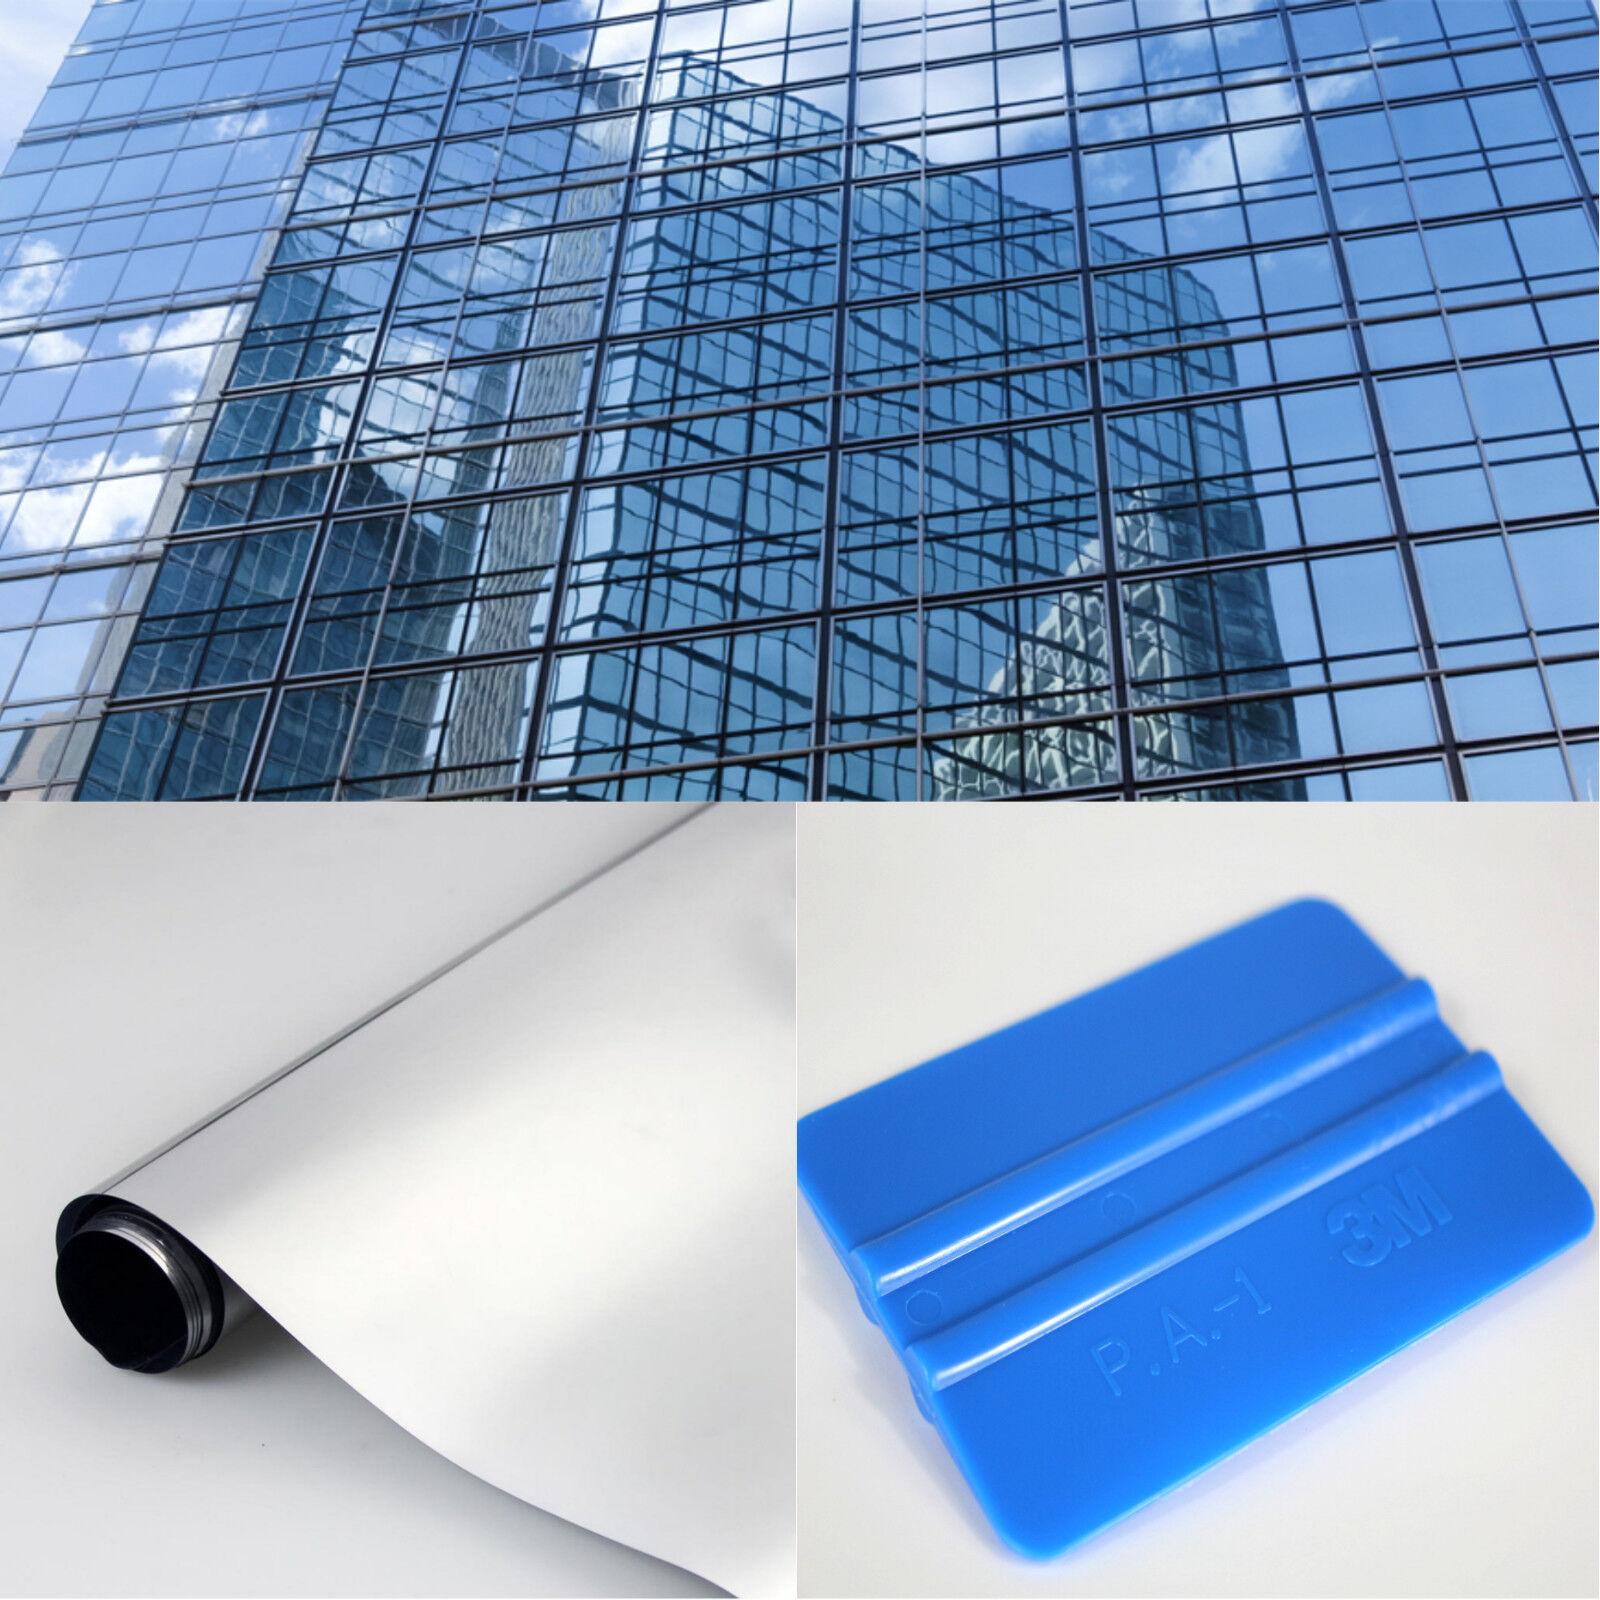 m² Spiegelfolie Fensterfolie Sonnen & Sichtschutzfolie Tönungsfolie Silber | Zuverlässige Qualität  f88e97